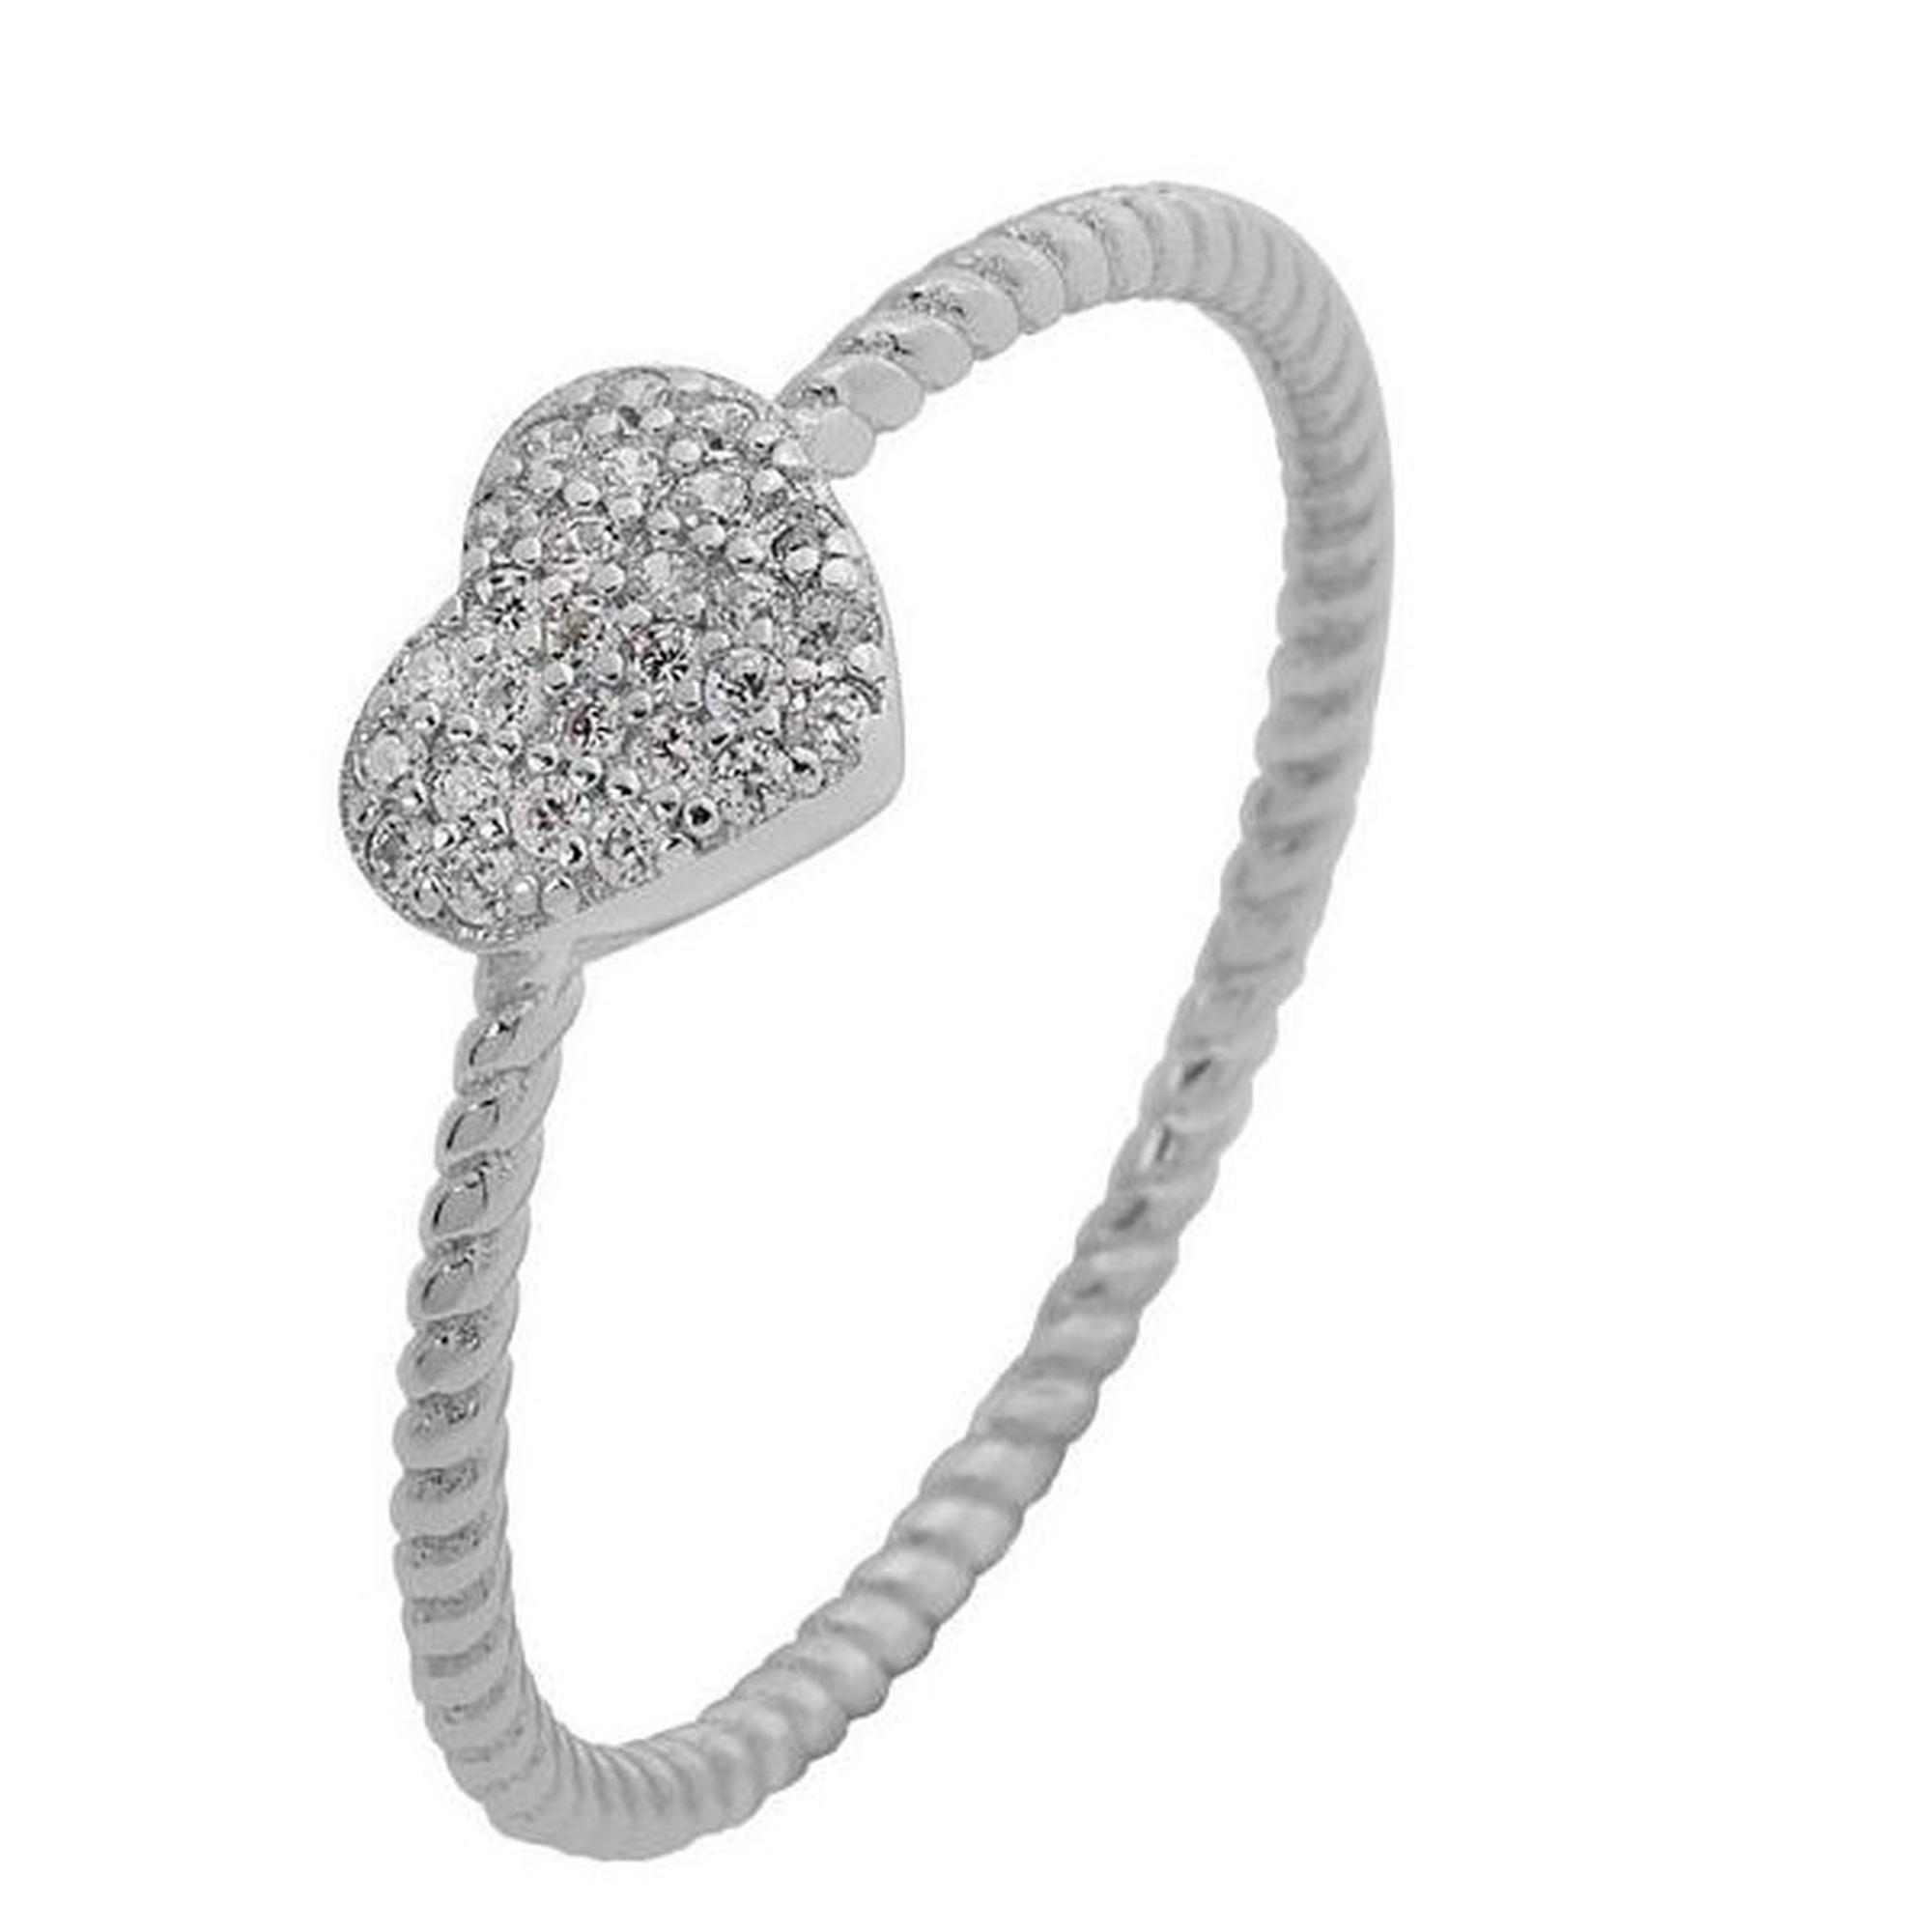 Ασημένιο Δαχτυλίδι σε Σχήμα Καρδιάς Λευκό